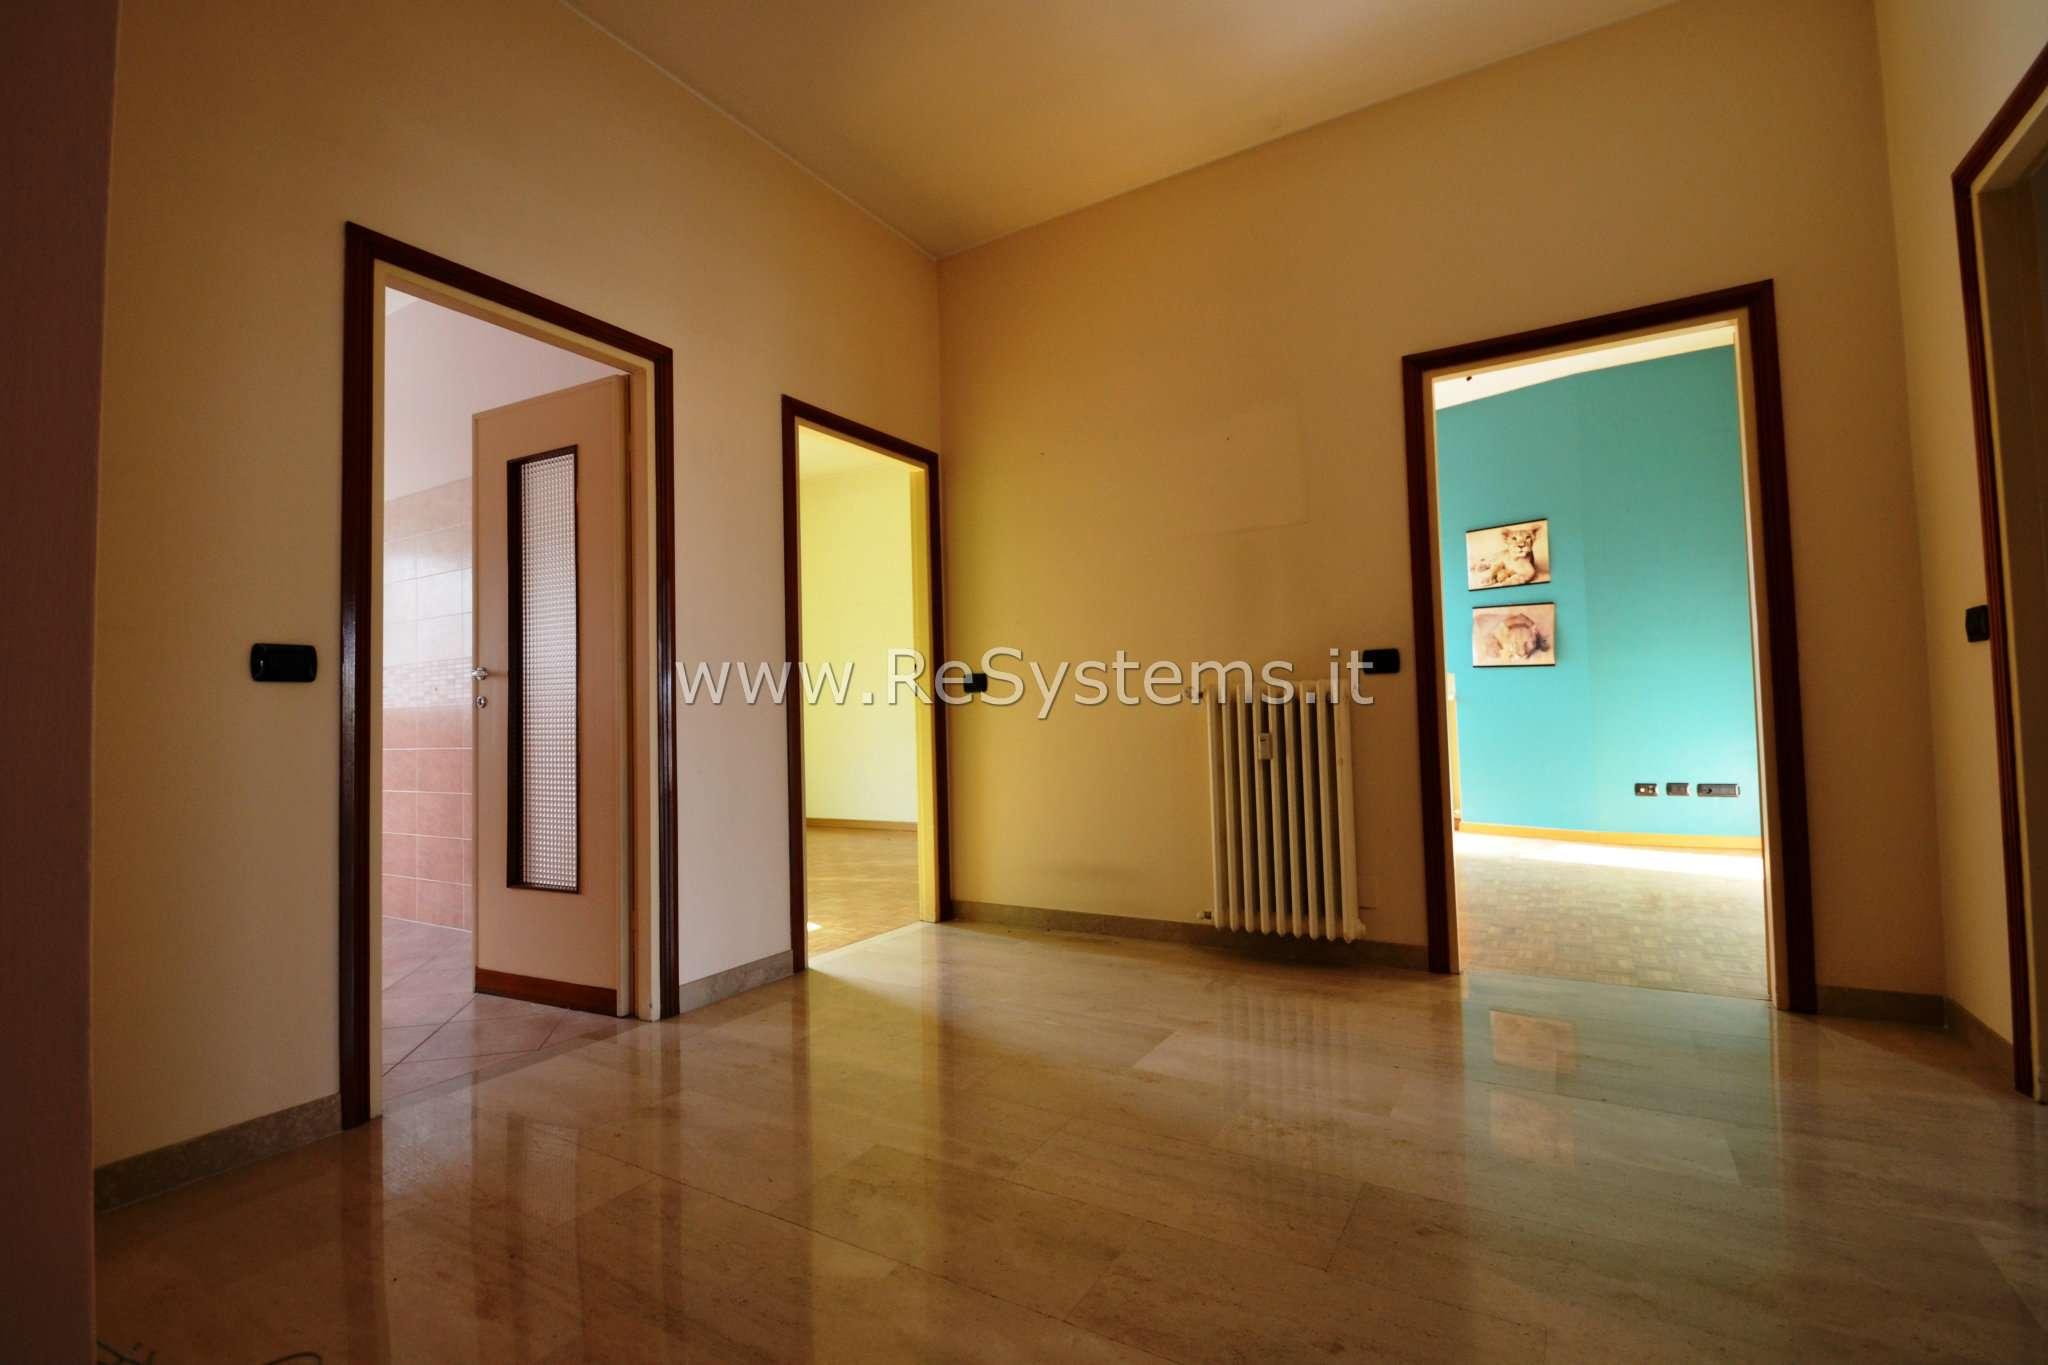 Attico / Mansarda in vendita a Saronno, 5 locali, prezzo € 345.000 | PortaleAgenzieImmobiliari.it